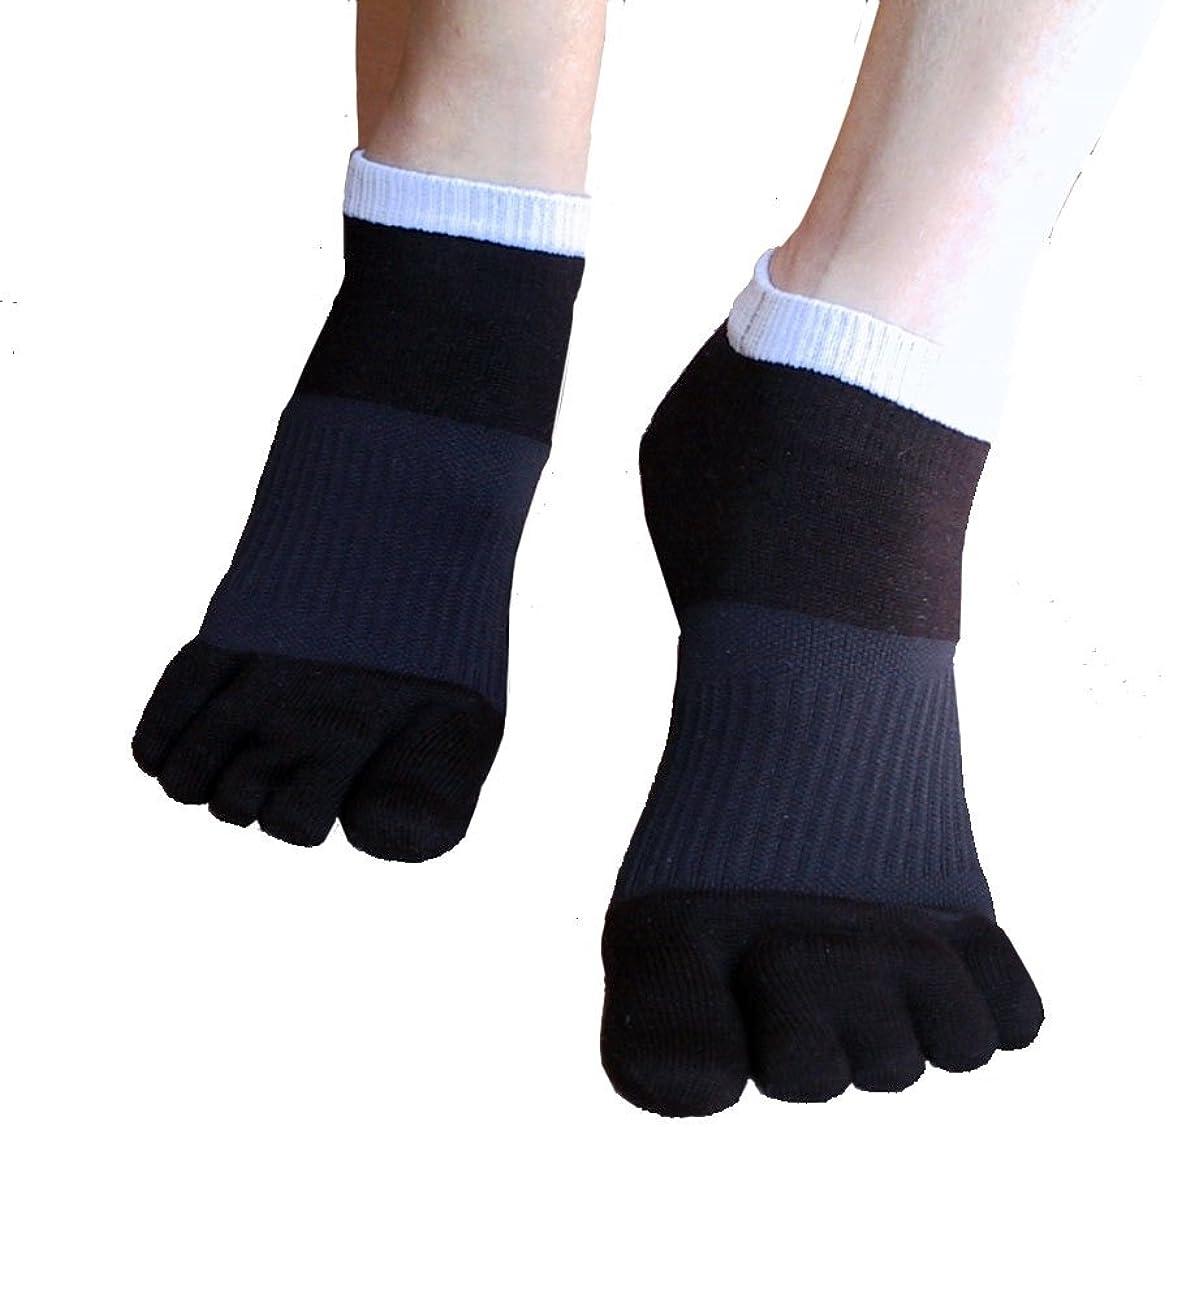 製作審判シュリンク外反母趾対策 ふしぎな5本指テーピング靴下 スニーカータイプ 22-24cm?ブラック(色は2色、サイズは3サイズ)